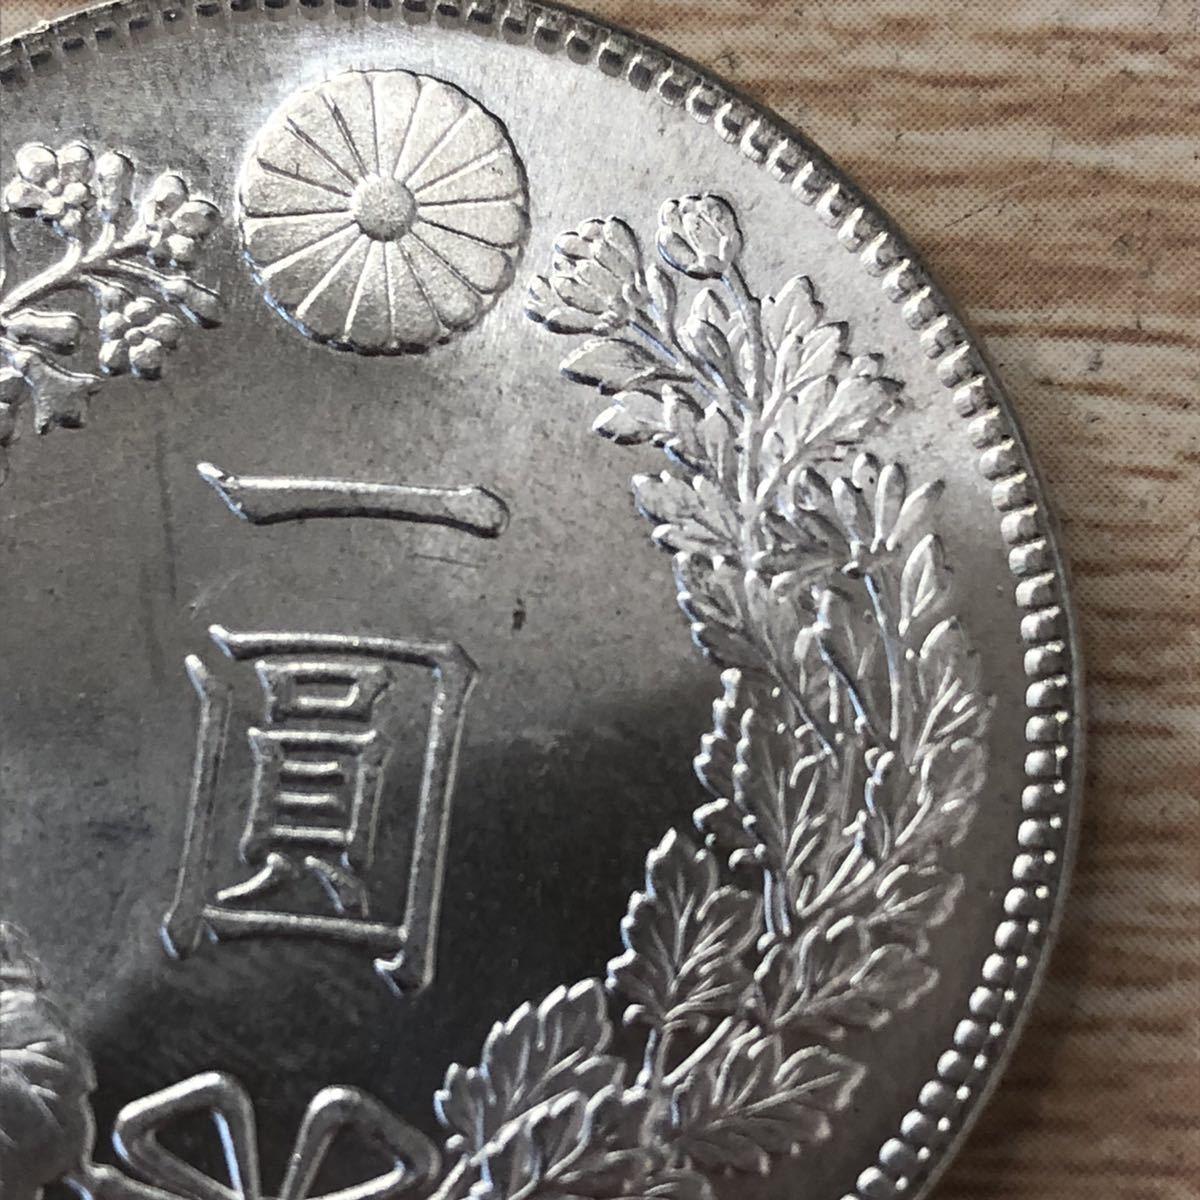 (YM-48) 古銭 明治十九年 一円銀貨 貿易銀 大日本明治美銀 量目26.63㌘ _画像3